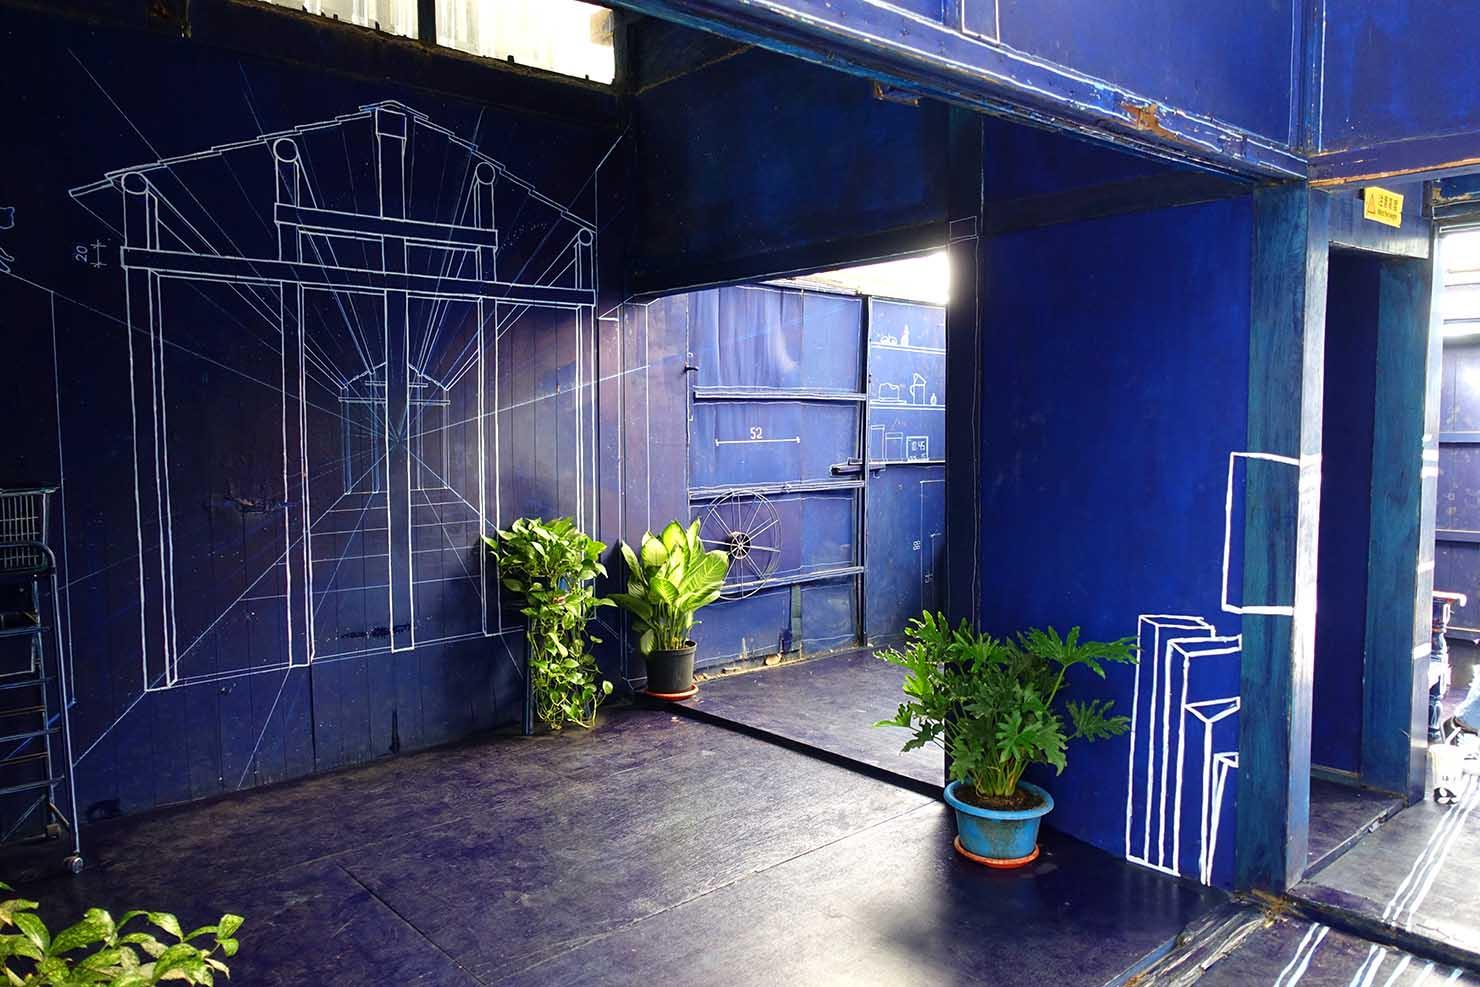 台湾の古都・台南のおすすめ観光スポット「藍晒圖文創園區」青焼きの家内部